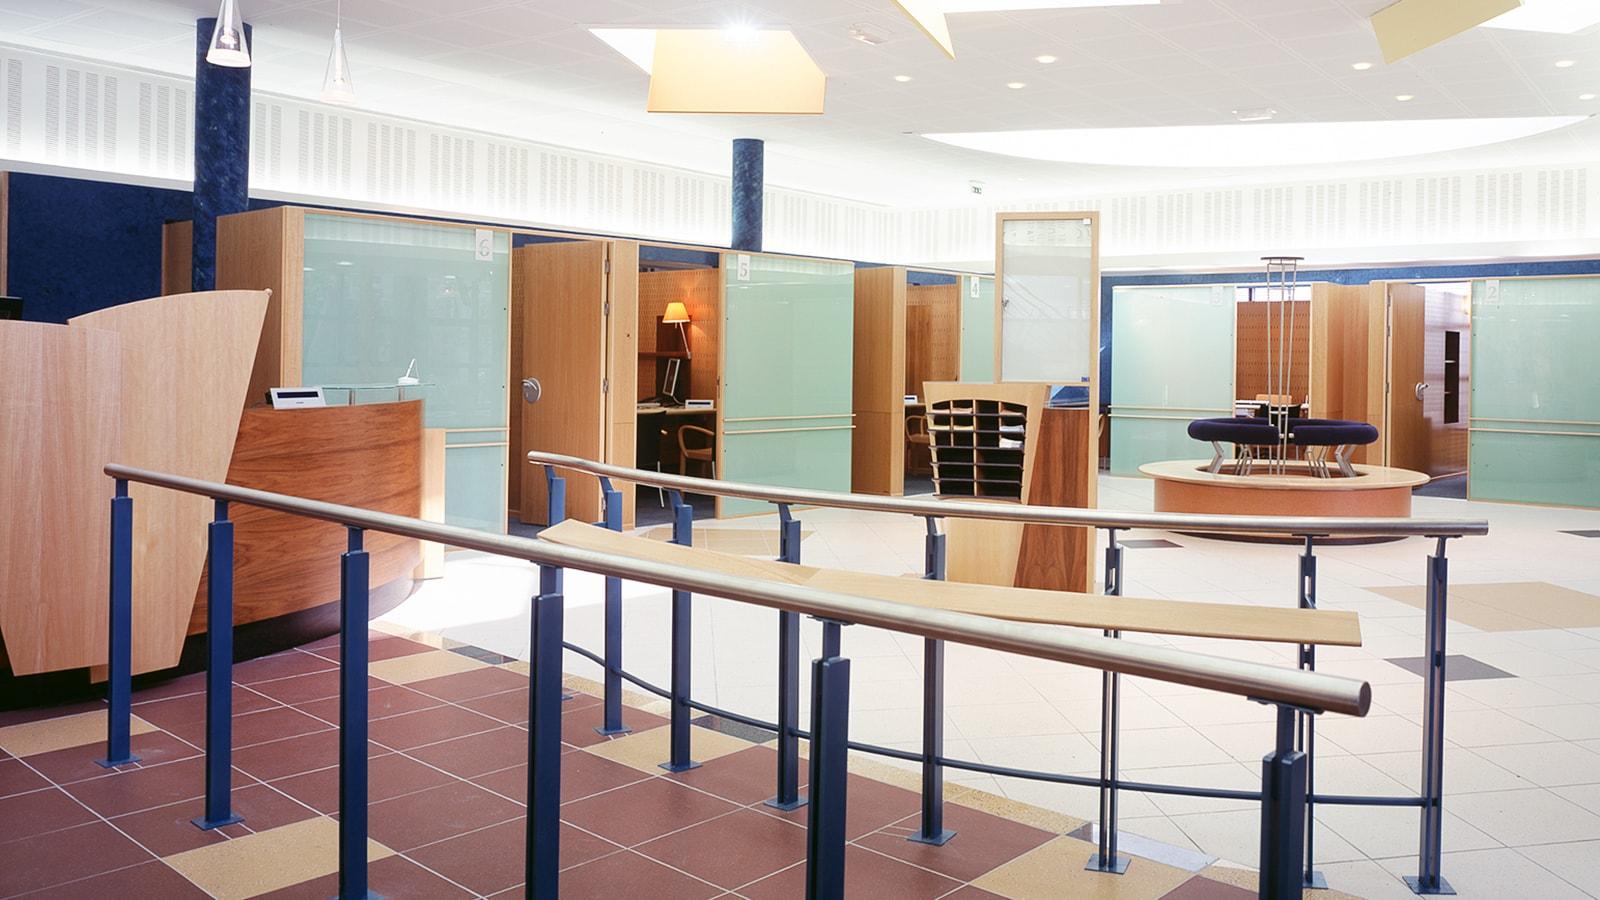 EFI Design Caf Anjou Efi Design (1) 1118